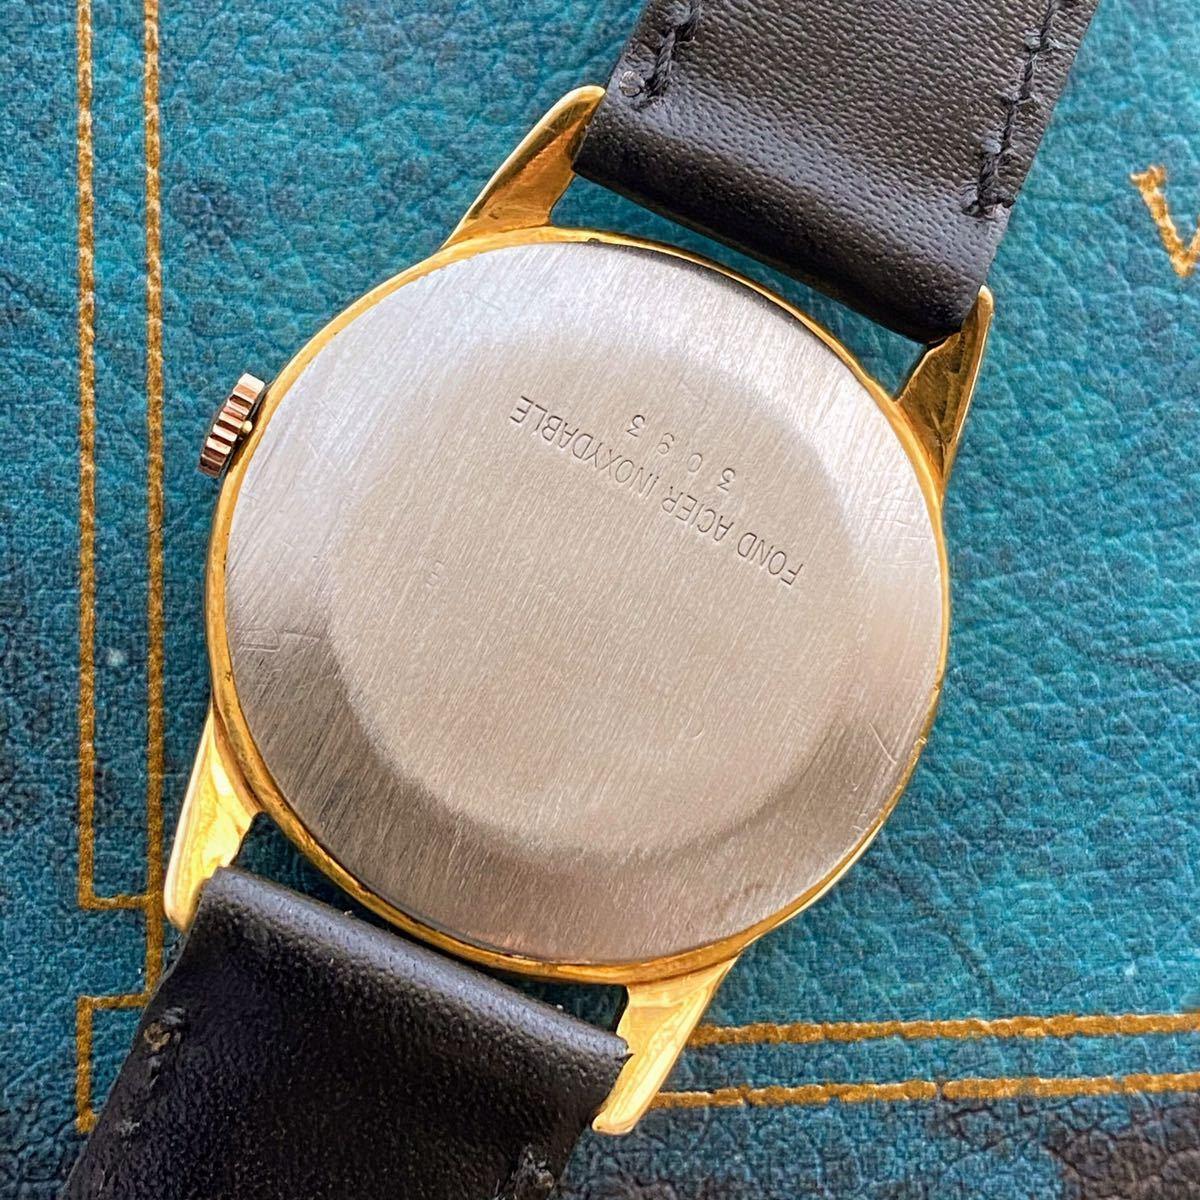 激レア【OH済】ロレックス ■ ROLEX ジュネーブ 14KGP 1950年代 アンティーク 中古 メンズ 手巻き 機械式腕時計 ビンテージ 美品 レア_画像4